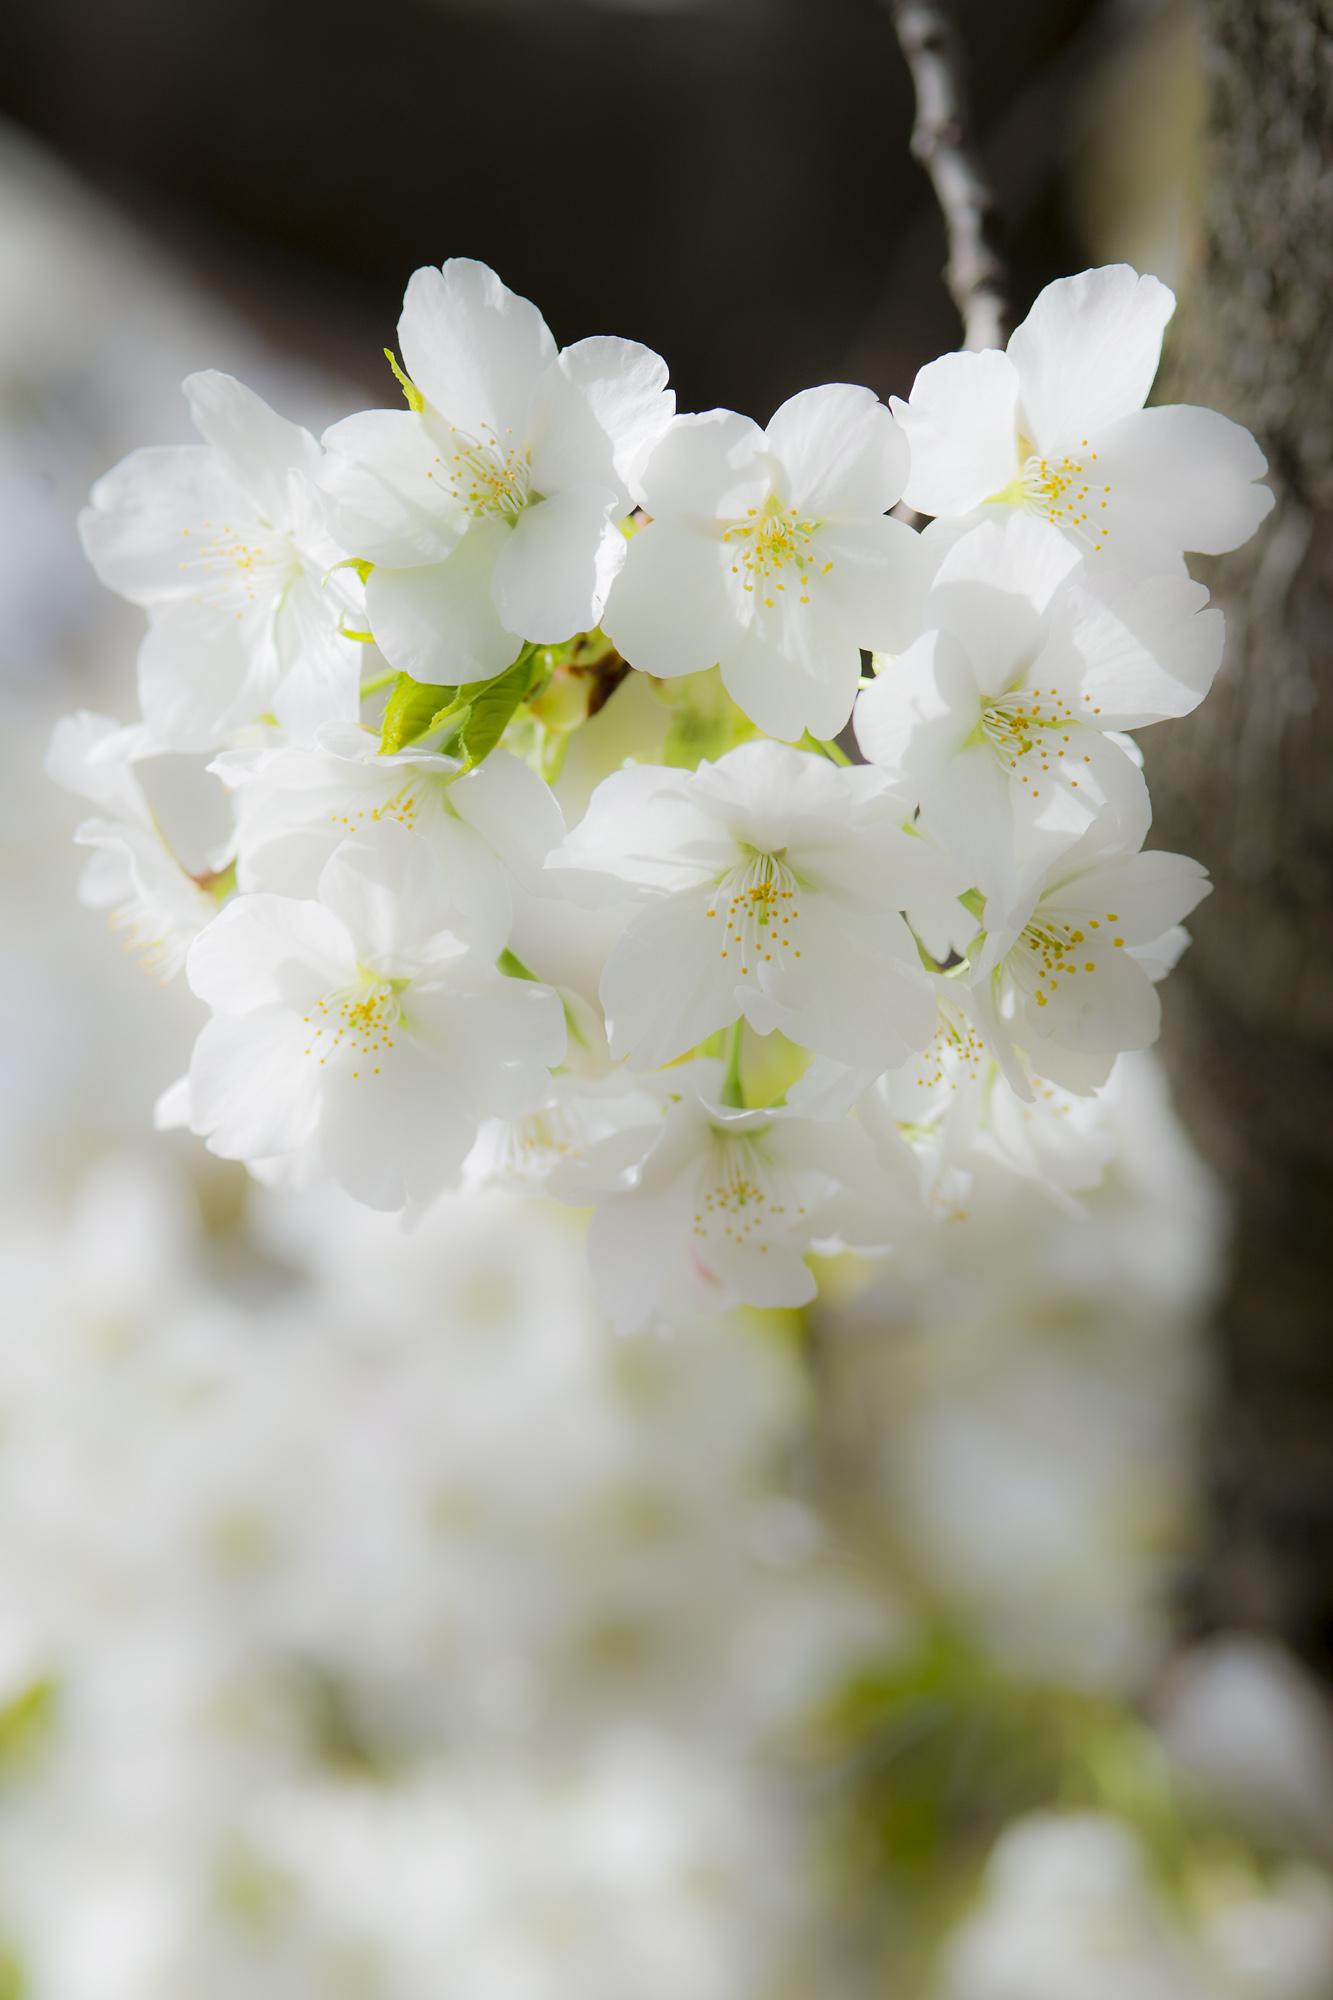 春の写真_f0145674_20154266.jpg